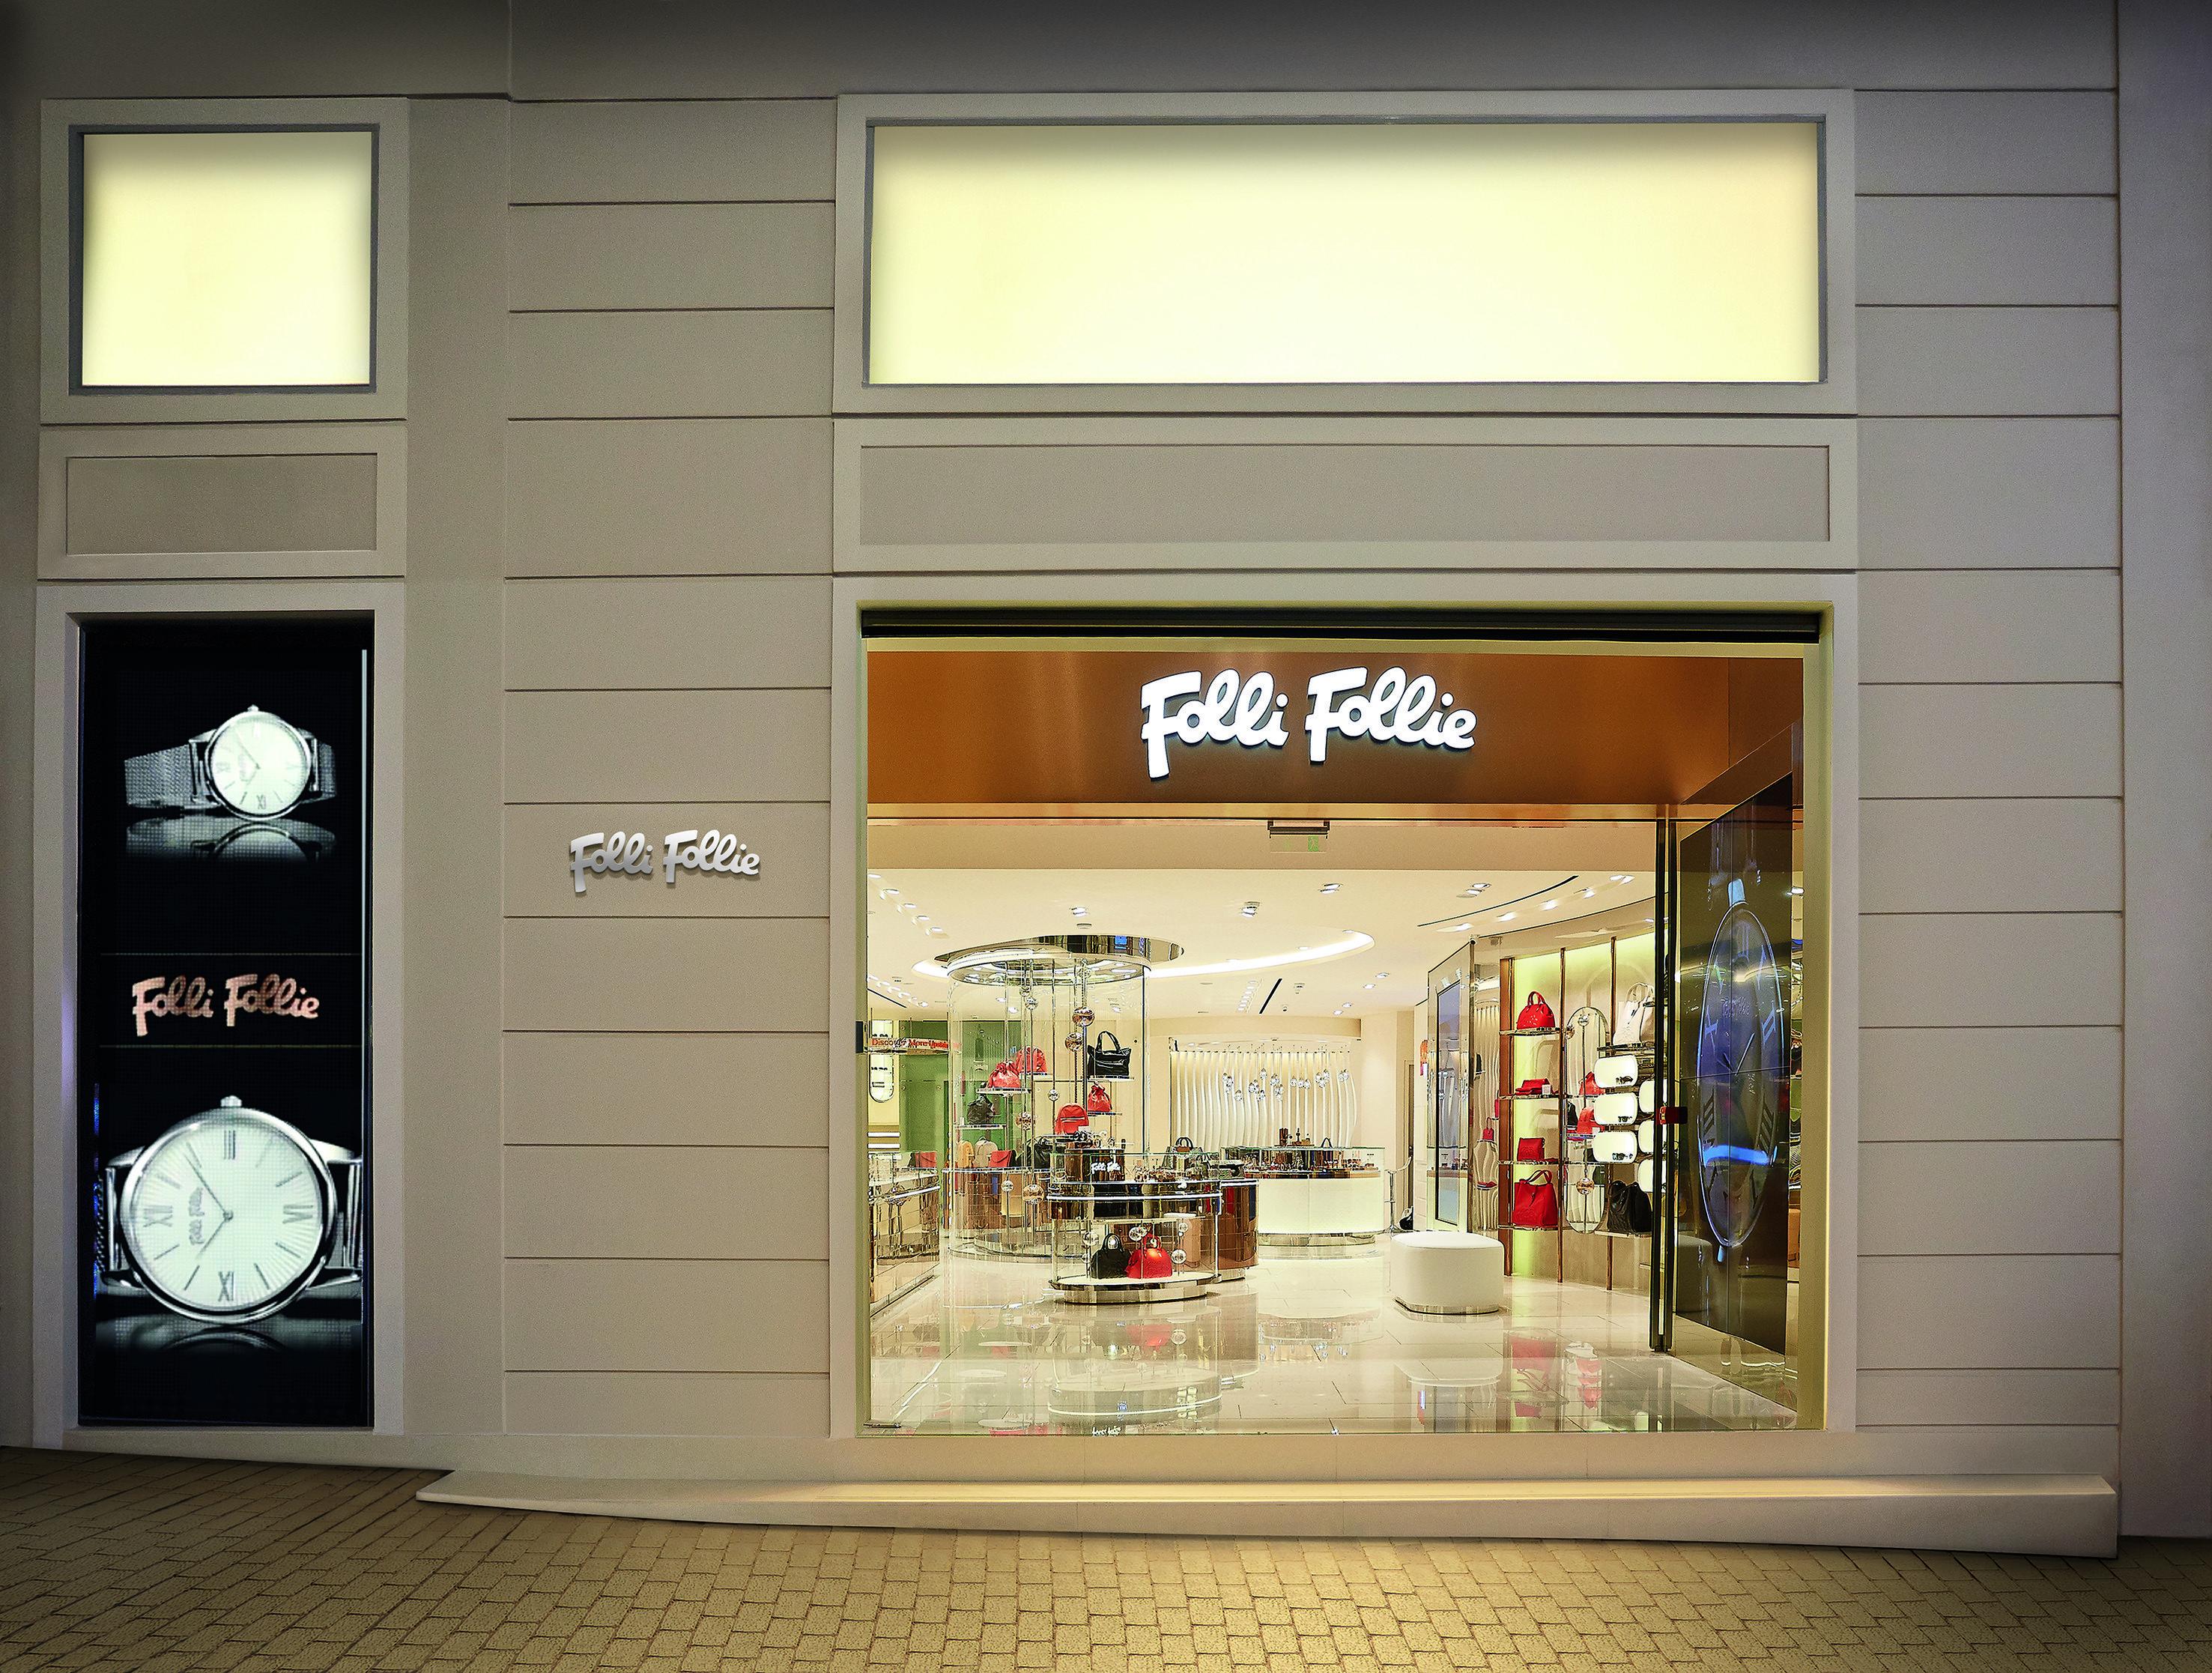 af591aeee2 Η Folli Follie κάνει το όνειρο πραγματικότητα με το νέο της «Concept ...